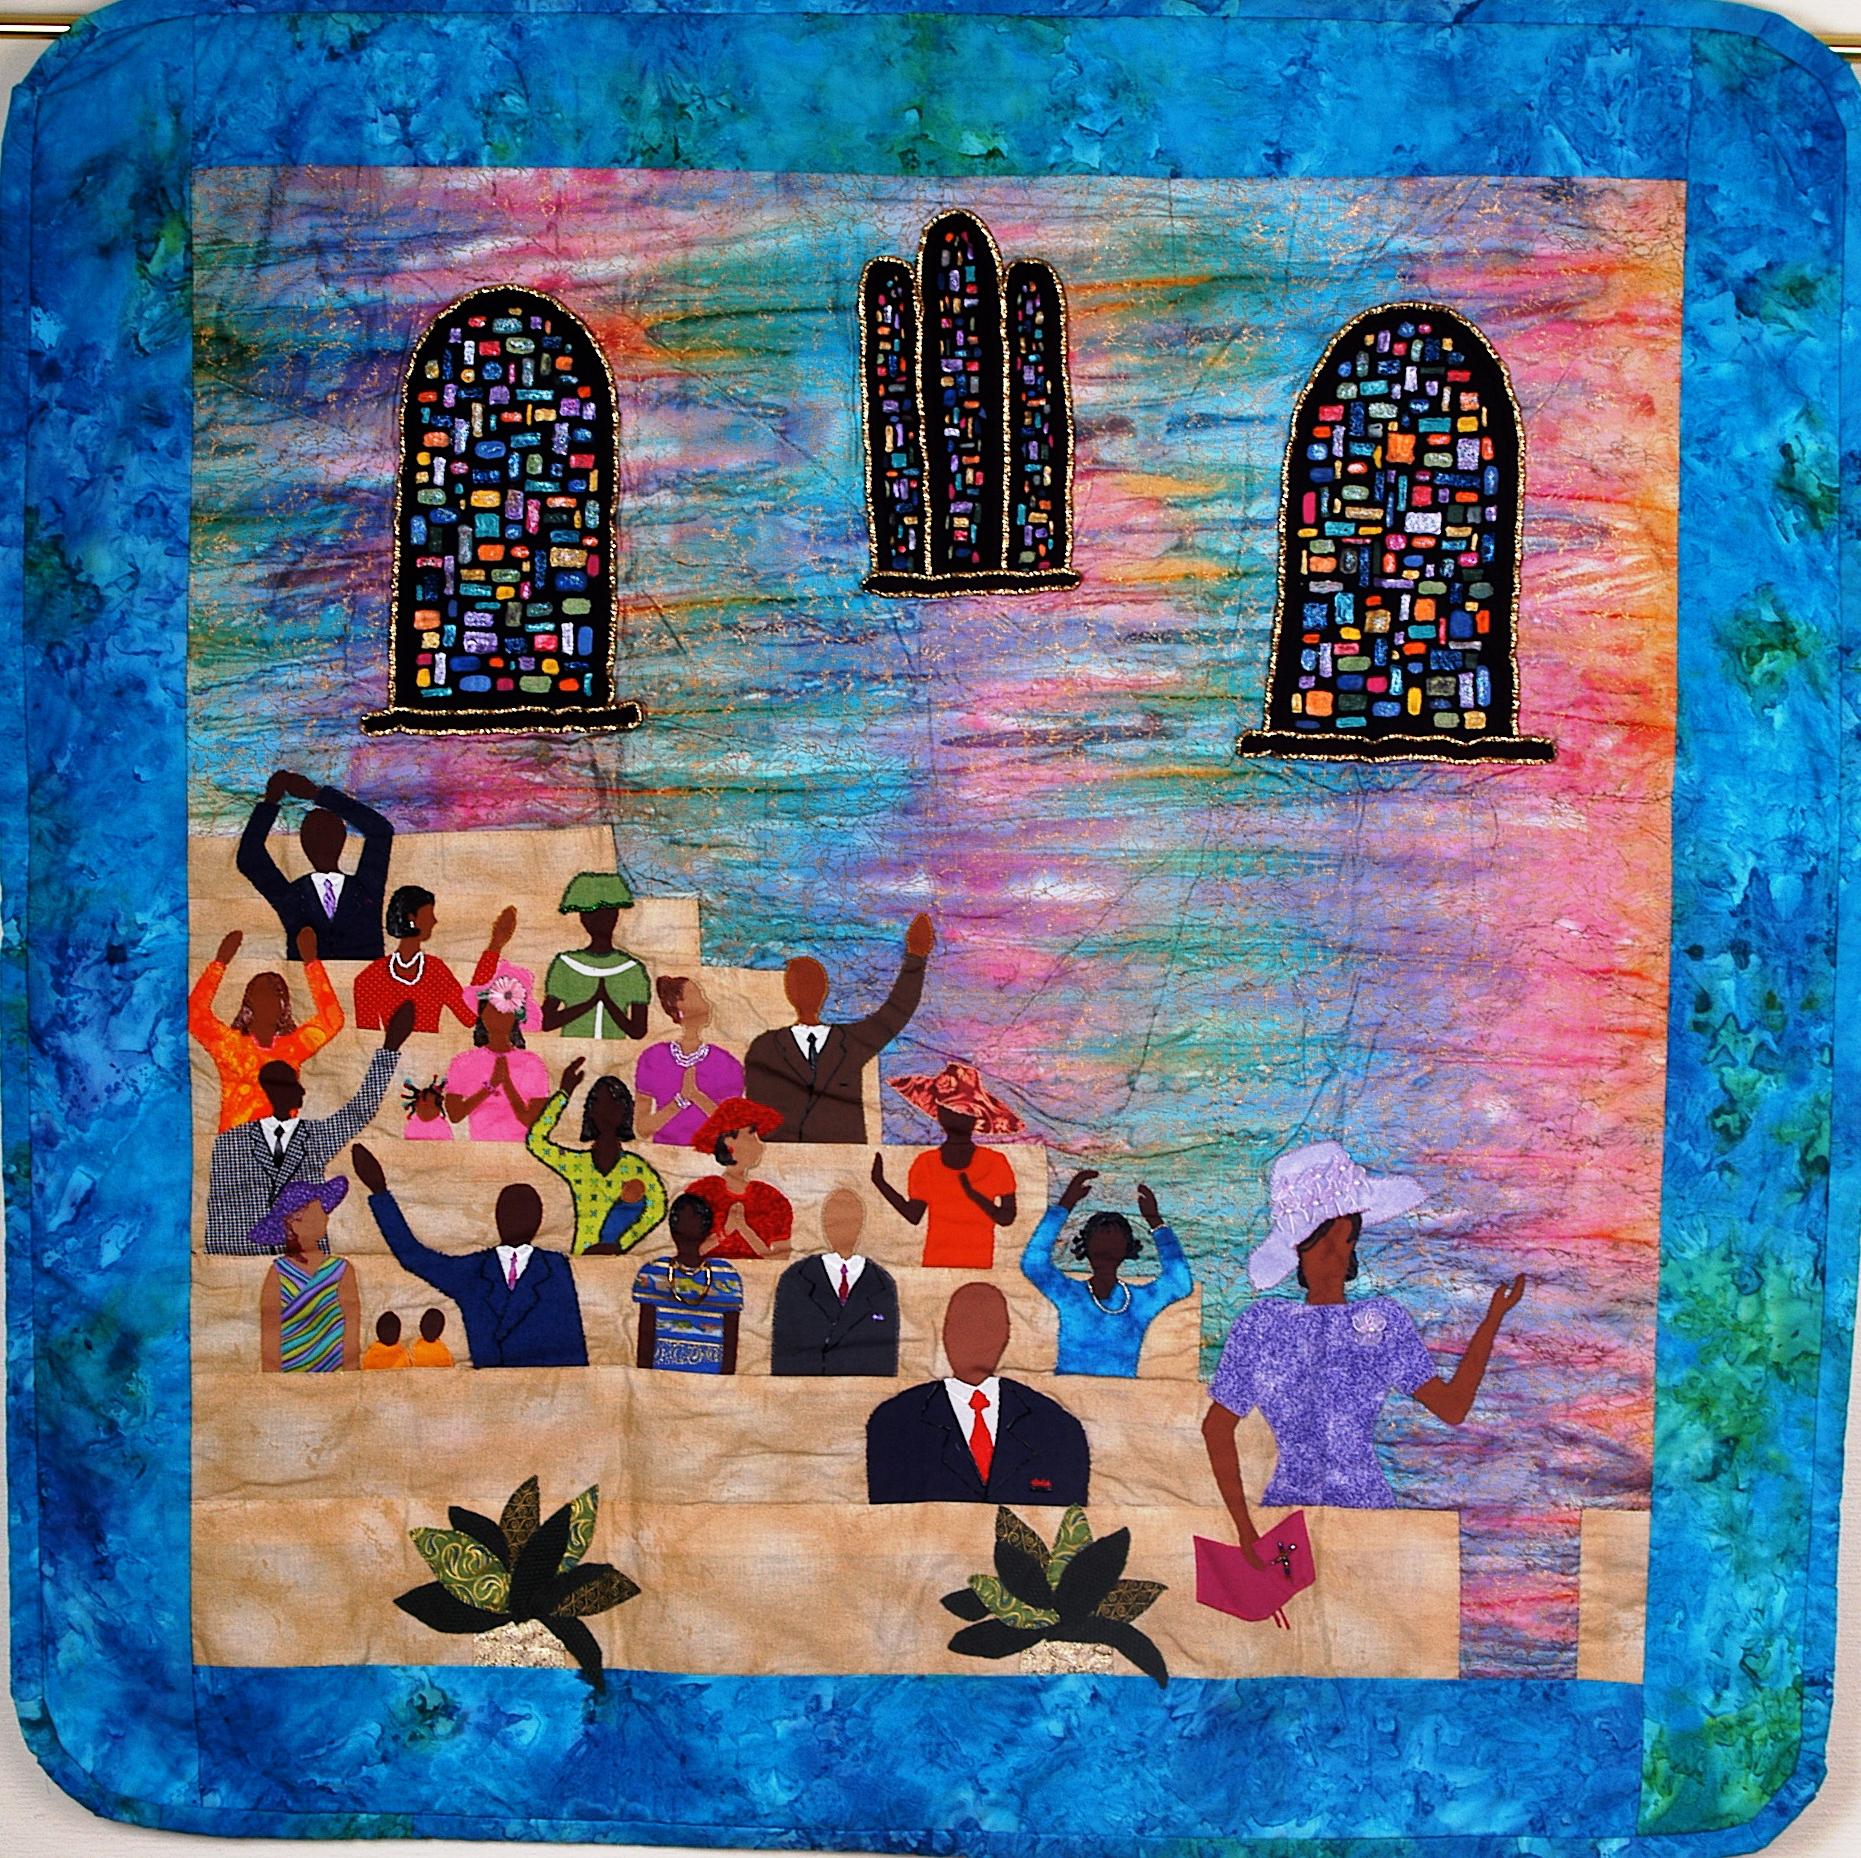 Hallelujah by Renee Allen